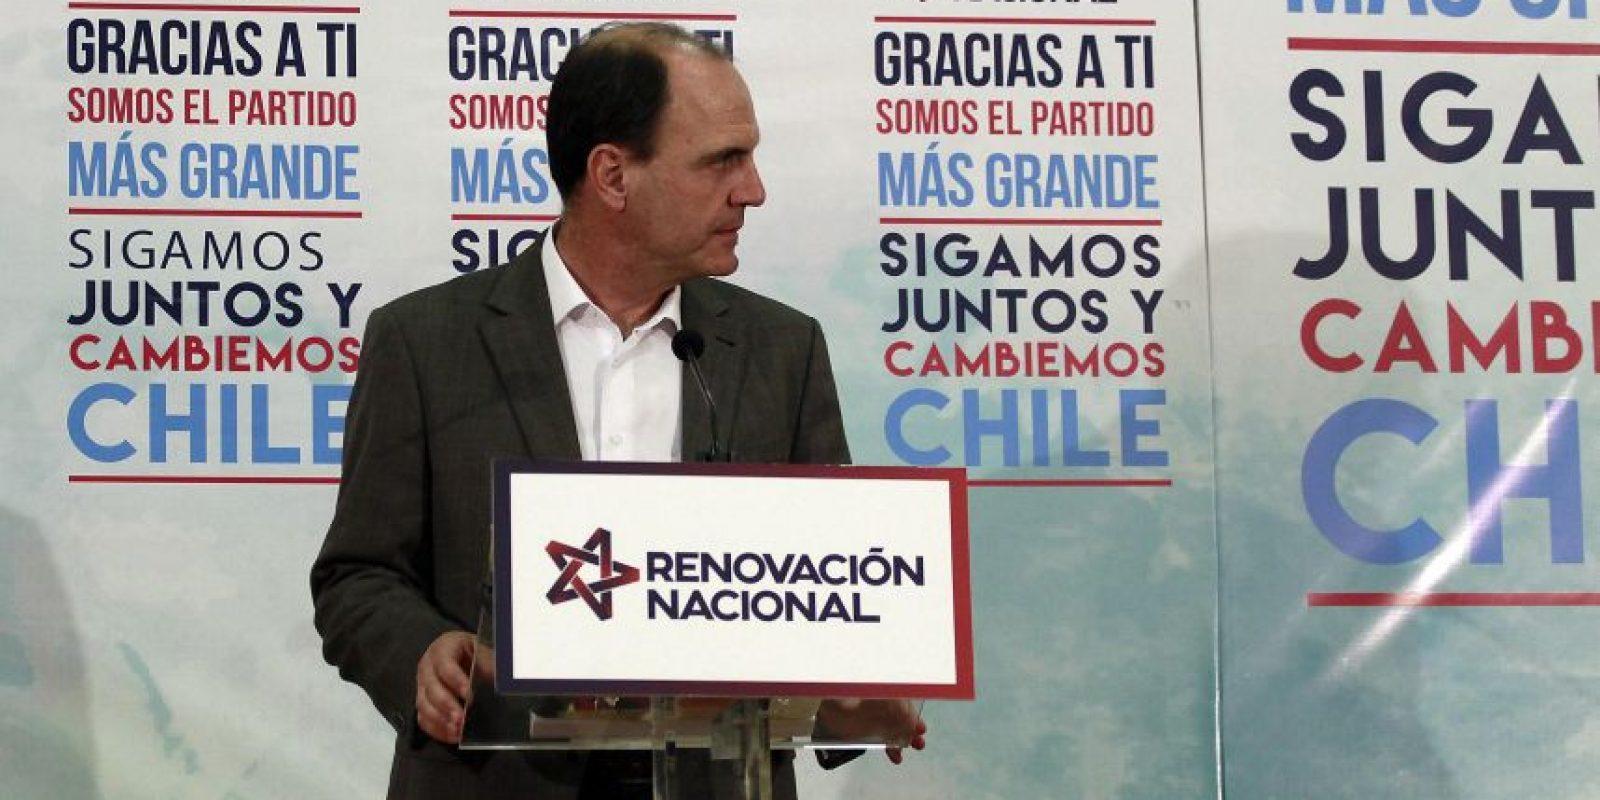 Foto:AgencuaUno. Imagen Por: